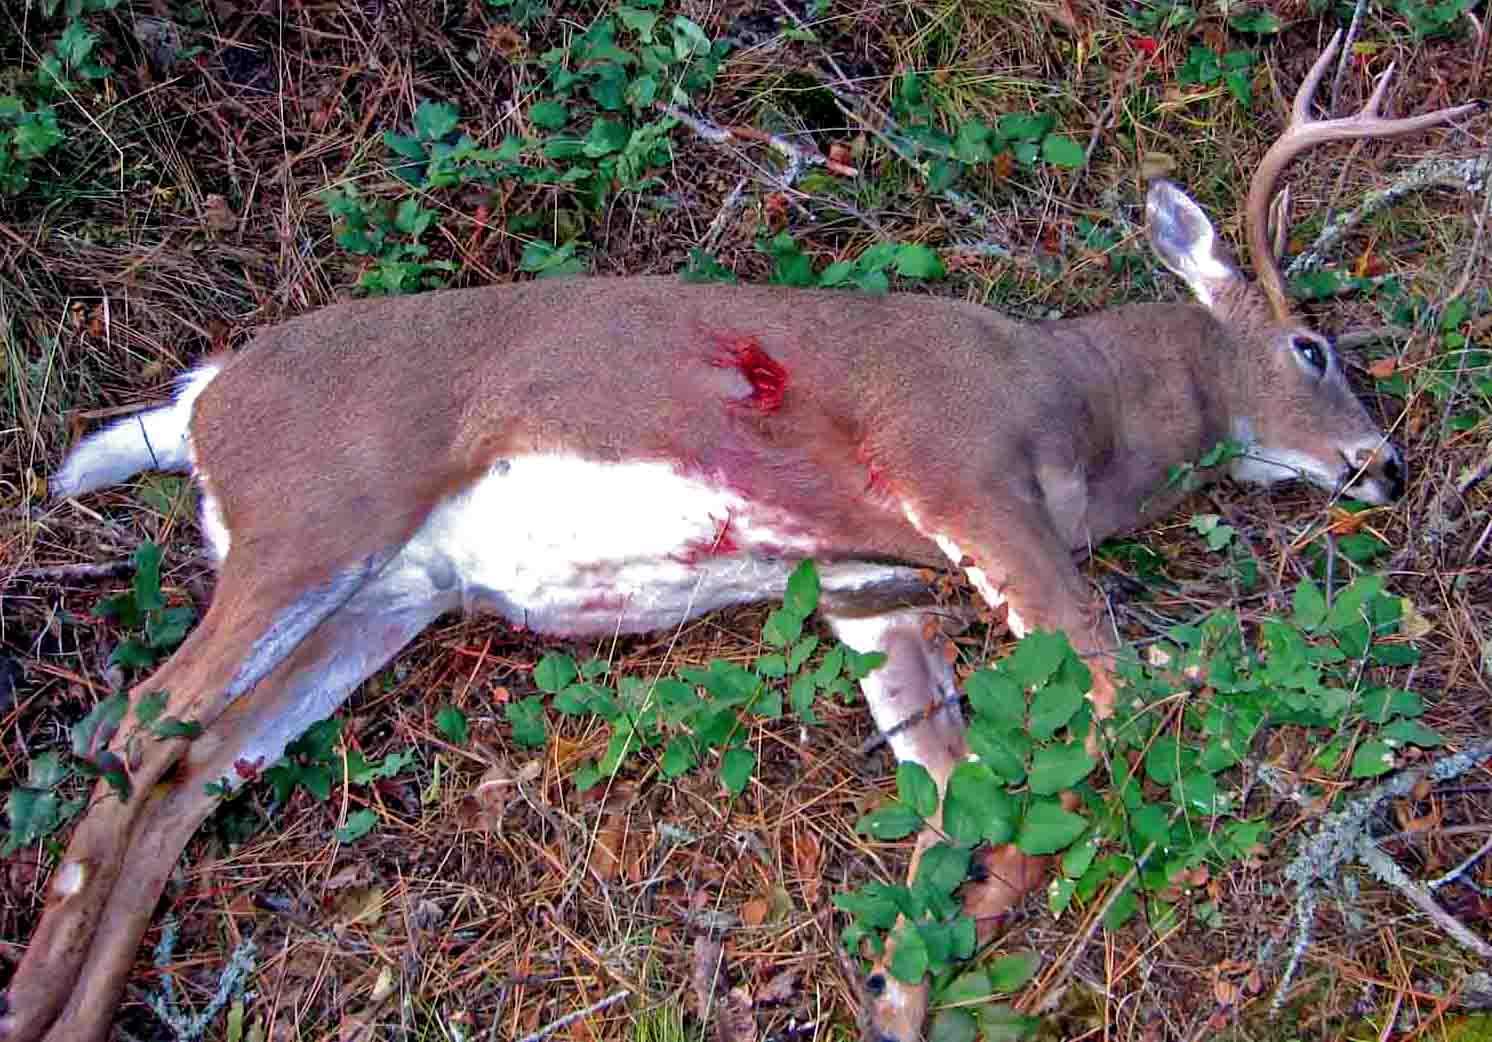 Poached Deer